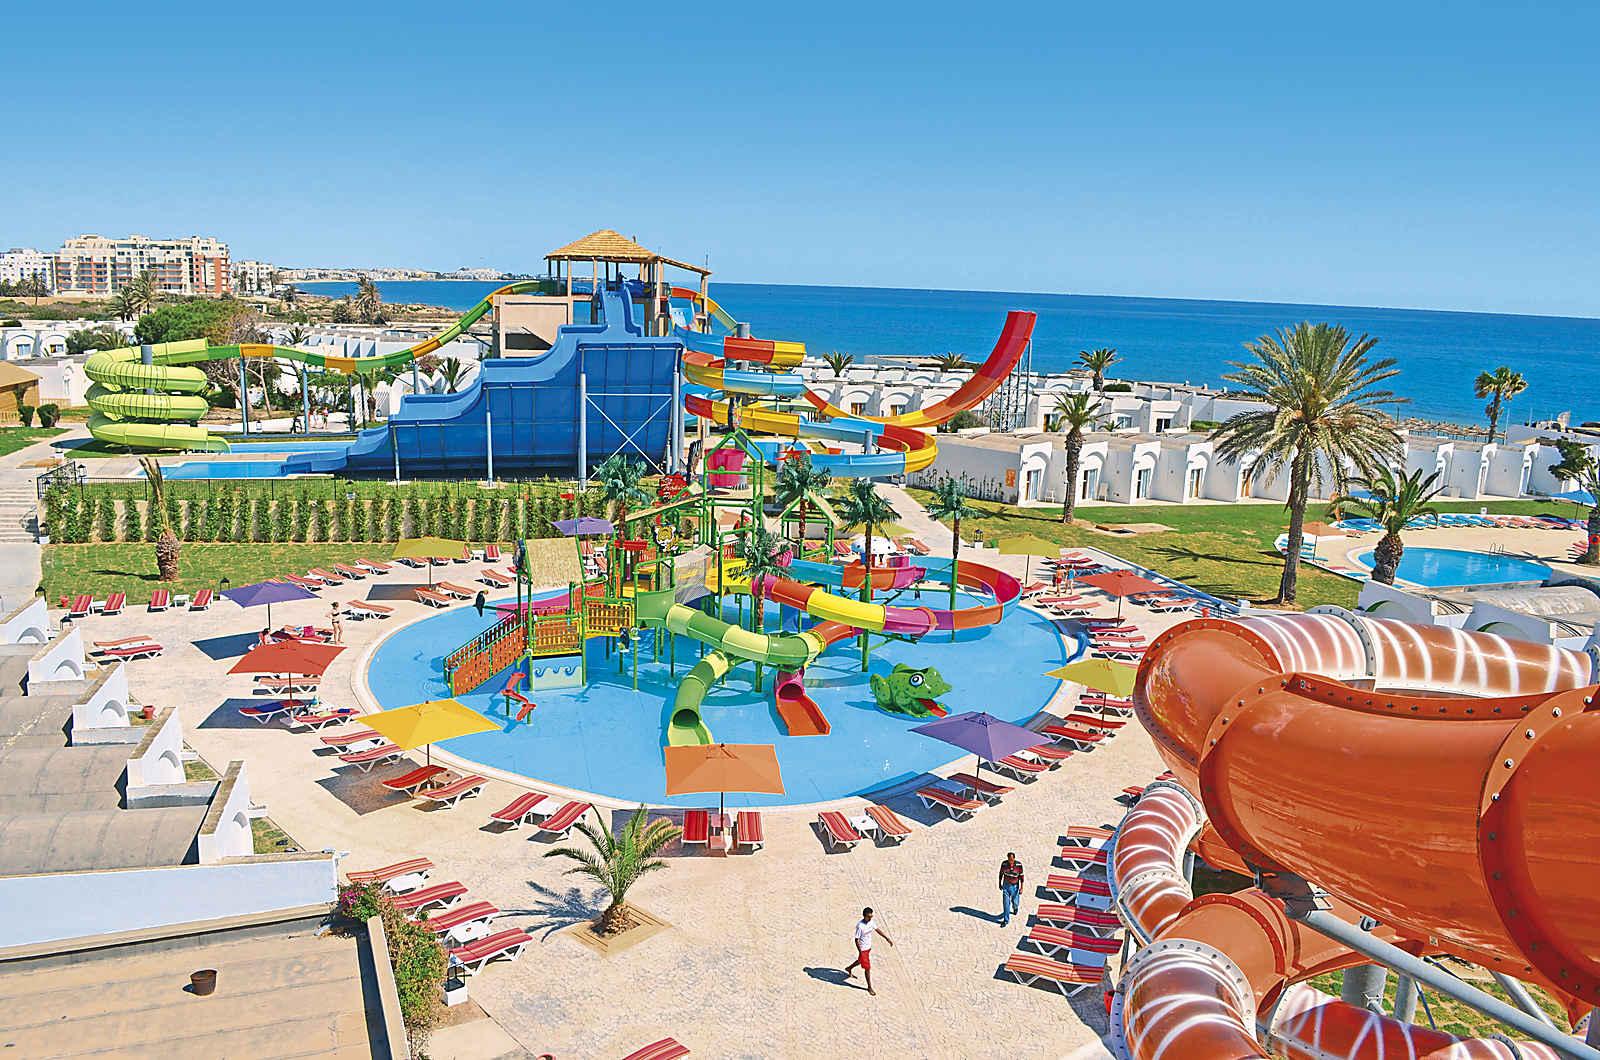 Aquaparcs et toboggans géants de l'hotel Thalassa Sousse